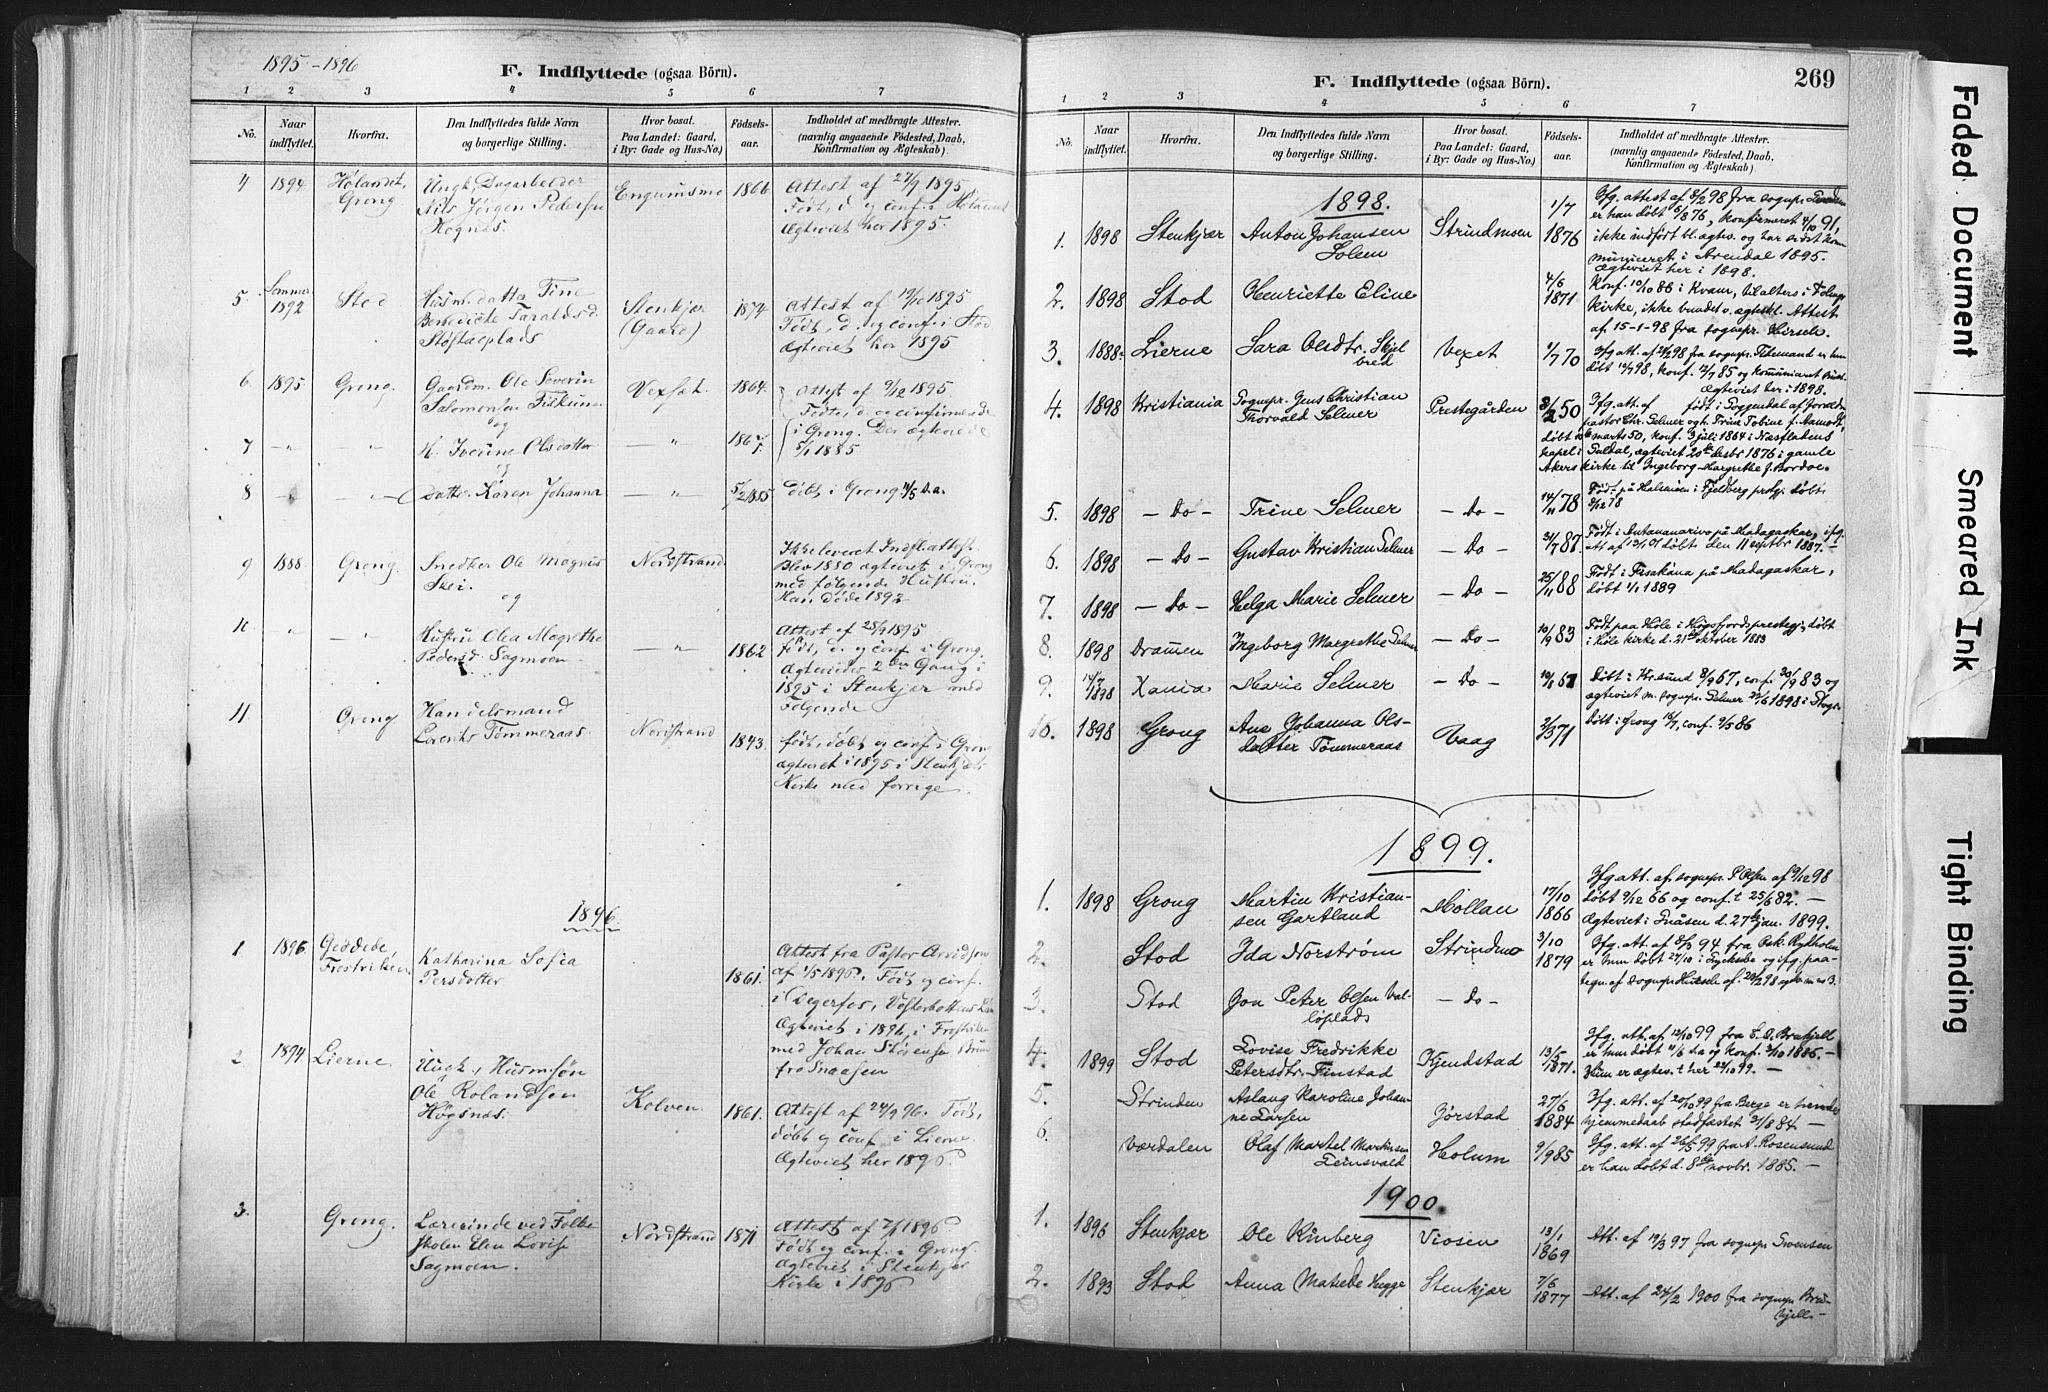 SAT, Ministerialprotokoller, klokkerbøker og fødselsregistre - Nord-Trøndelag, 749/L0474: Ministerialbok nr. 749A08, 1887-1903, s. 269